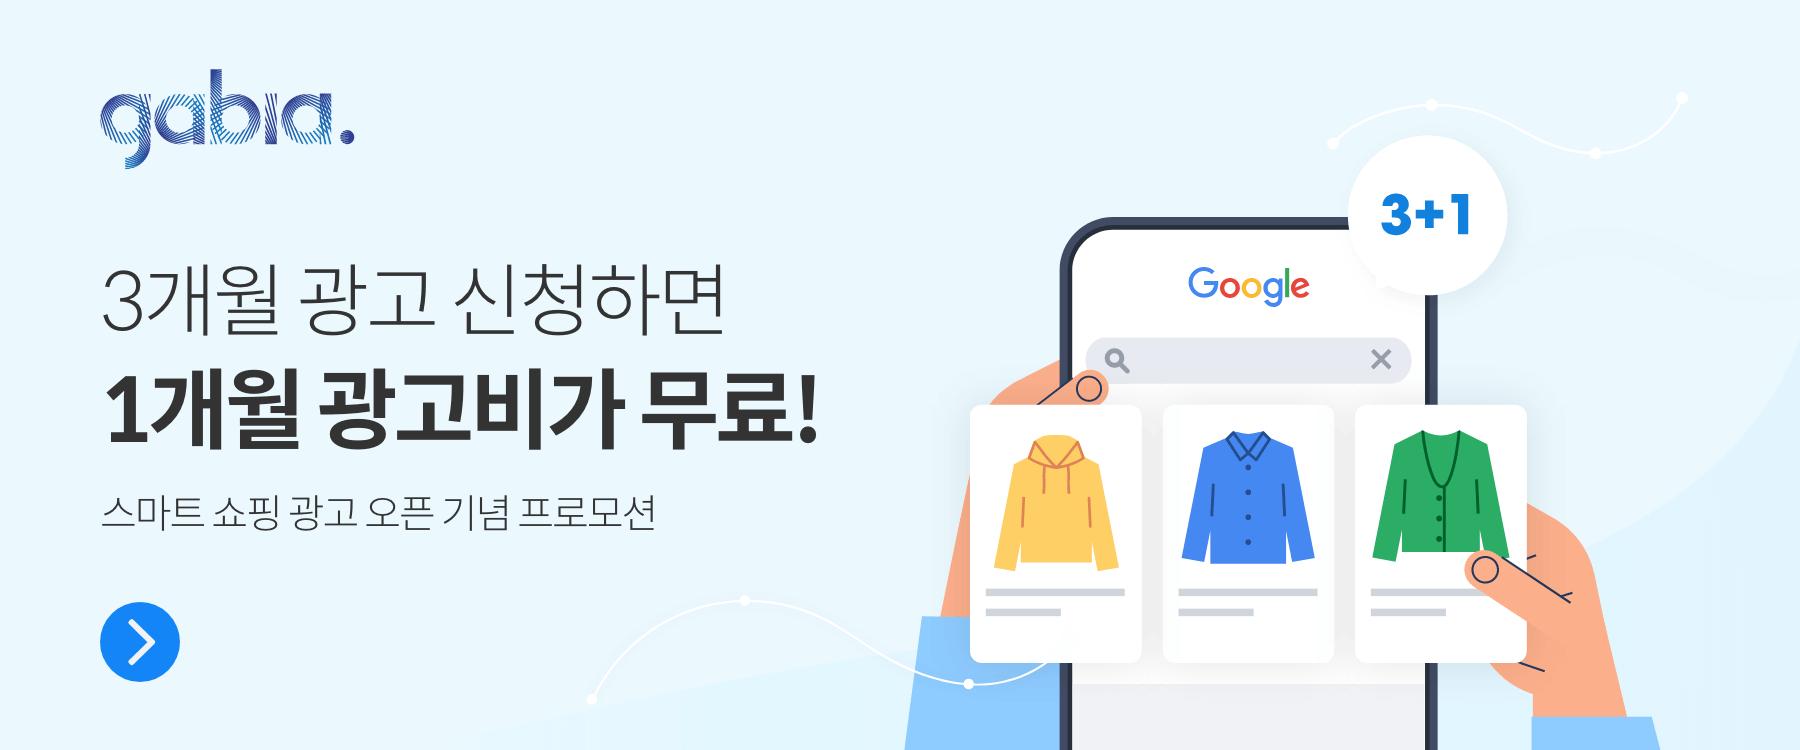 가비아, 구글 인공 지능(AI) 기반 '스마트 쇼핑 광고' 론칭…1개월 광고비 지원